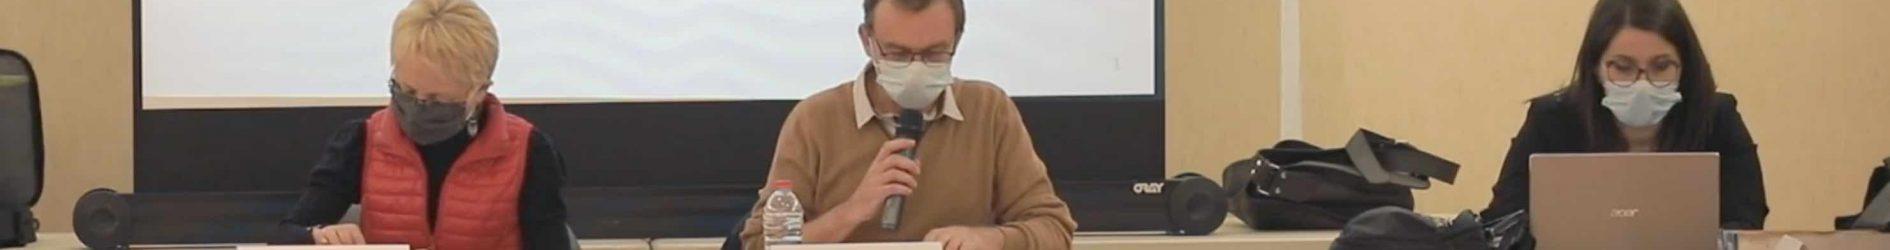 Vidéo du conseil municipal du 22 MARS 2021